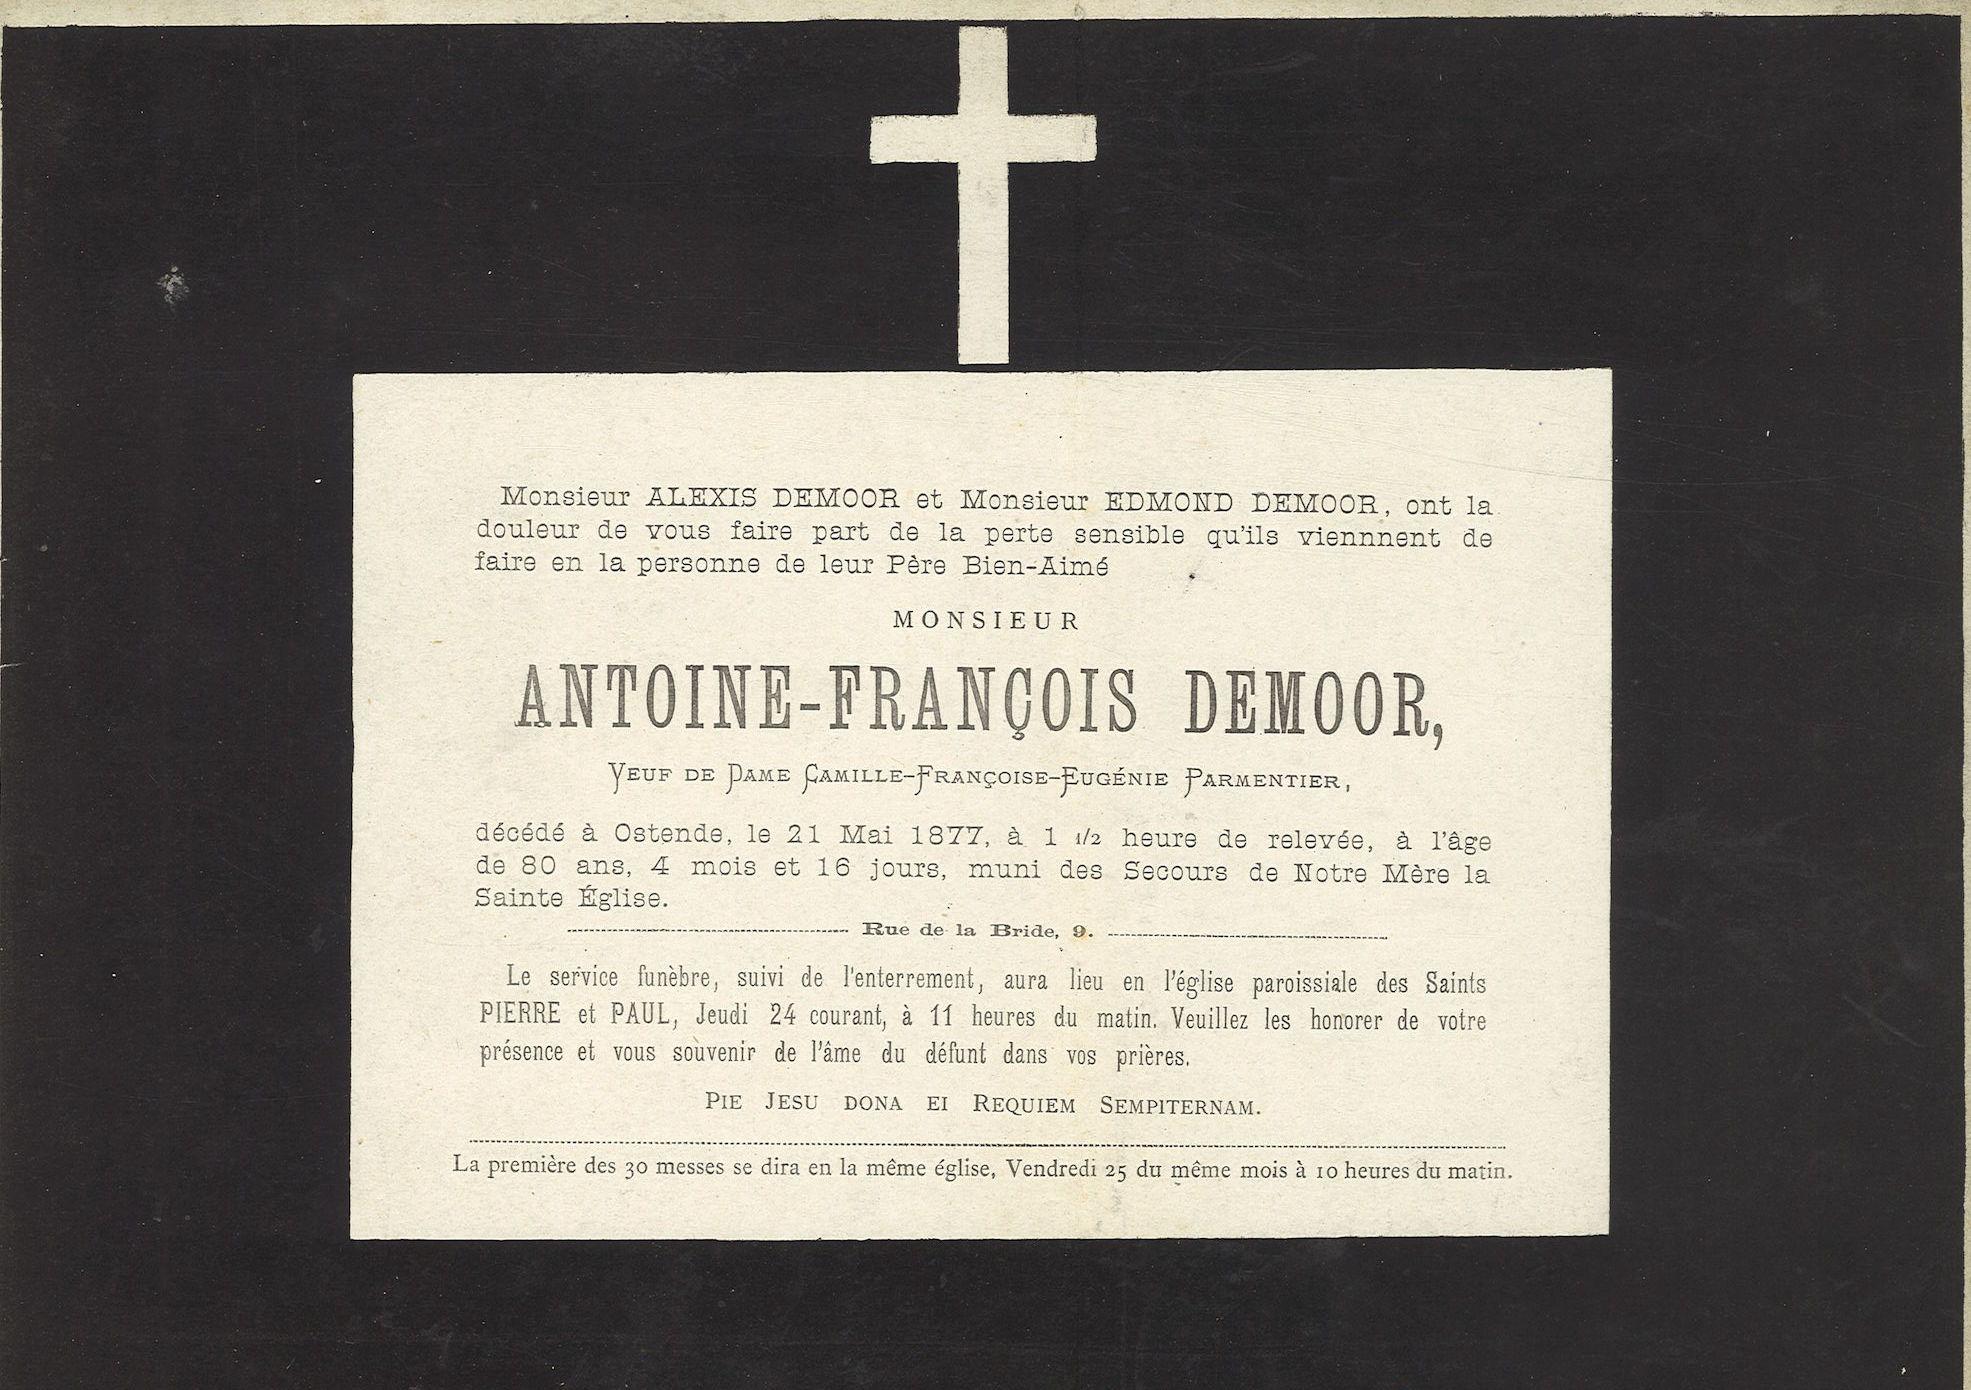 Antoine-François Demoor